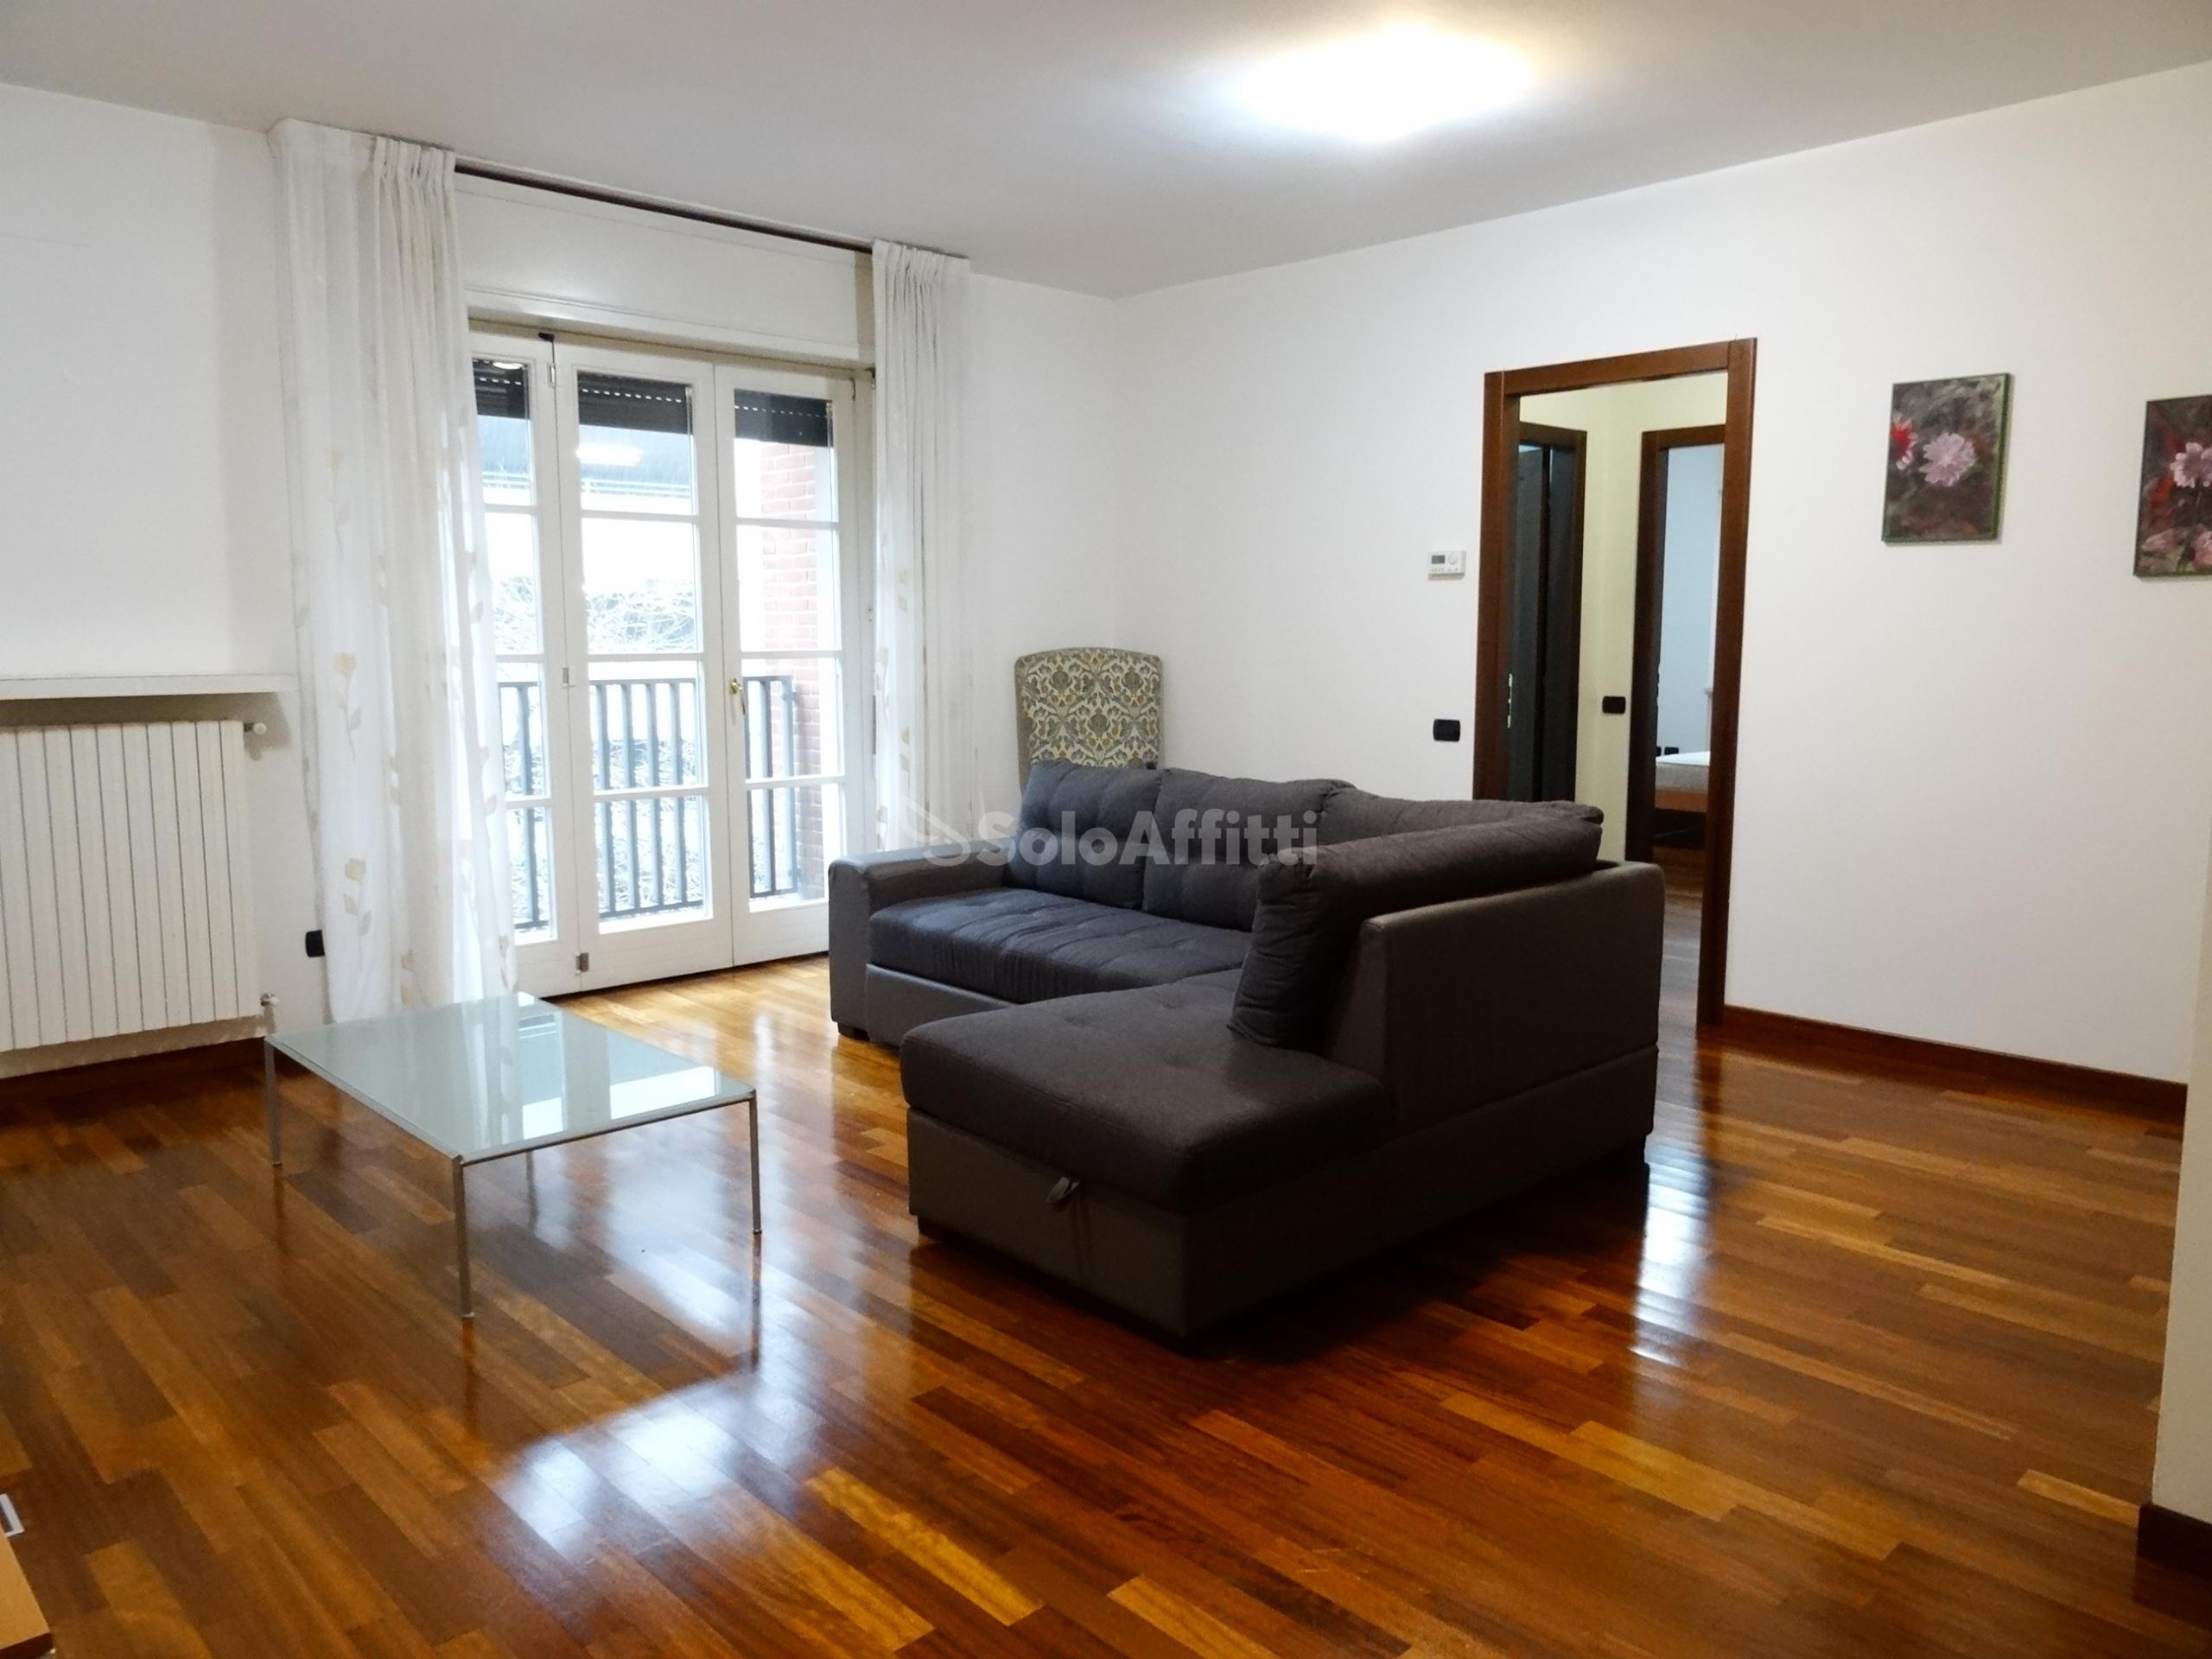 Appartamento Trilocale Arredato 111 mq.